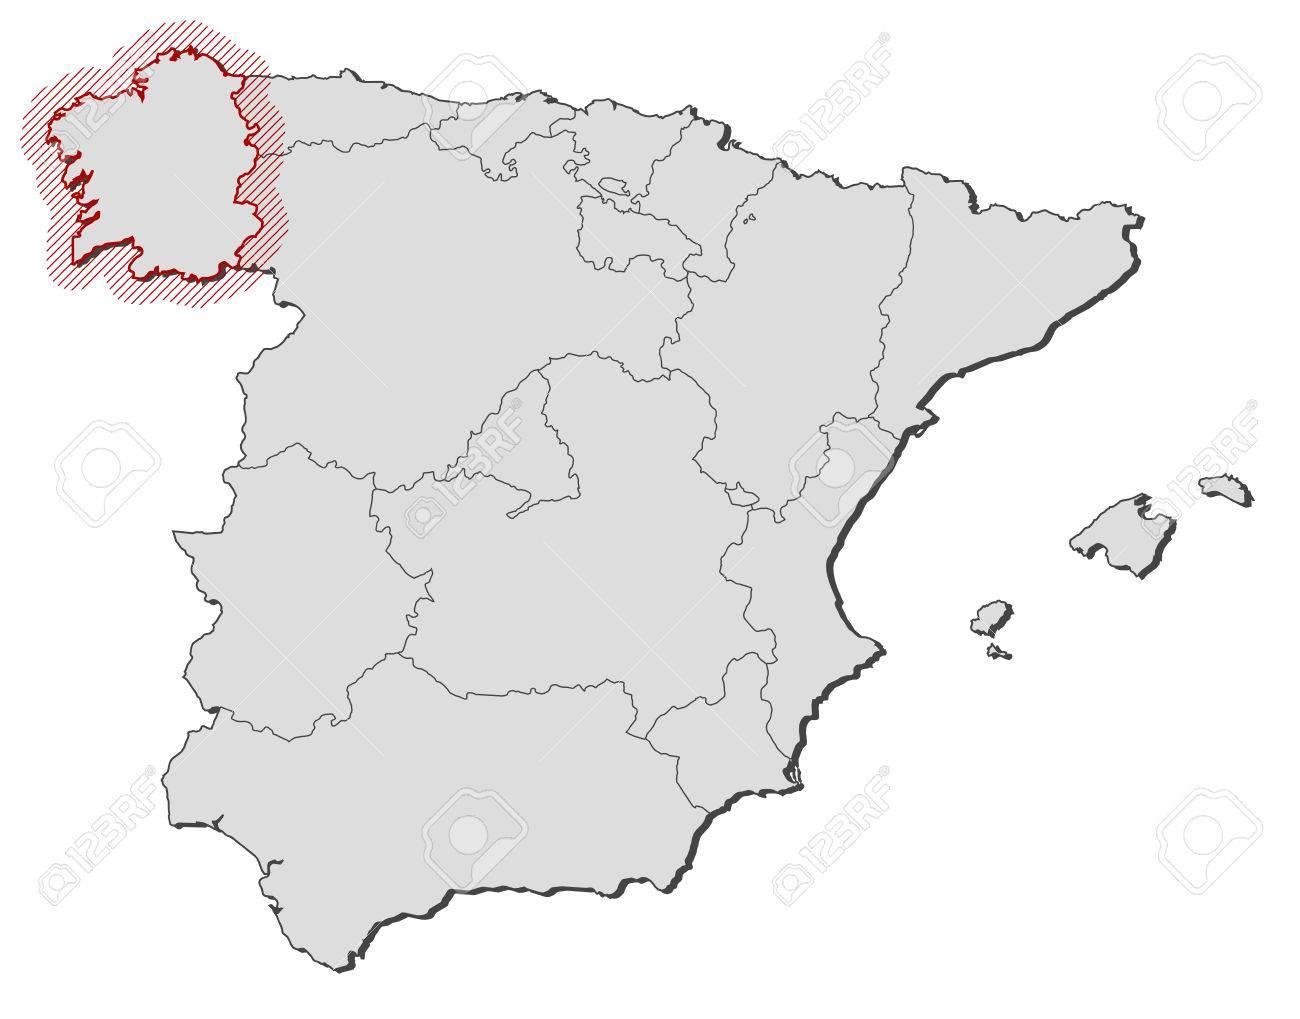 Mapa De Espana Con Las Provincias Galicia Se Destaca Por Una